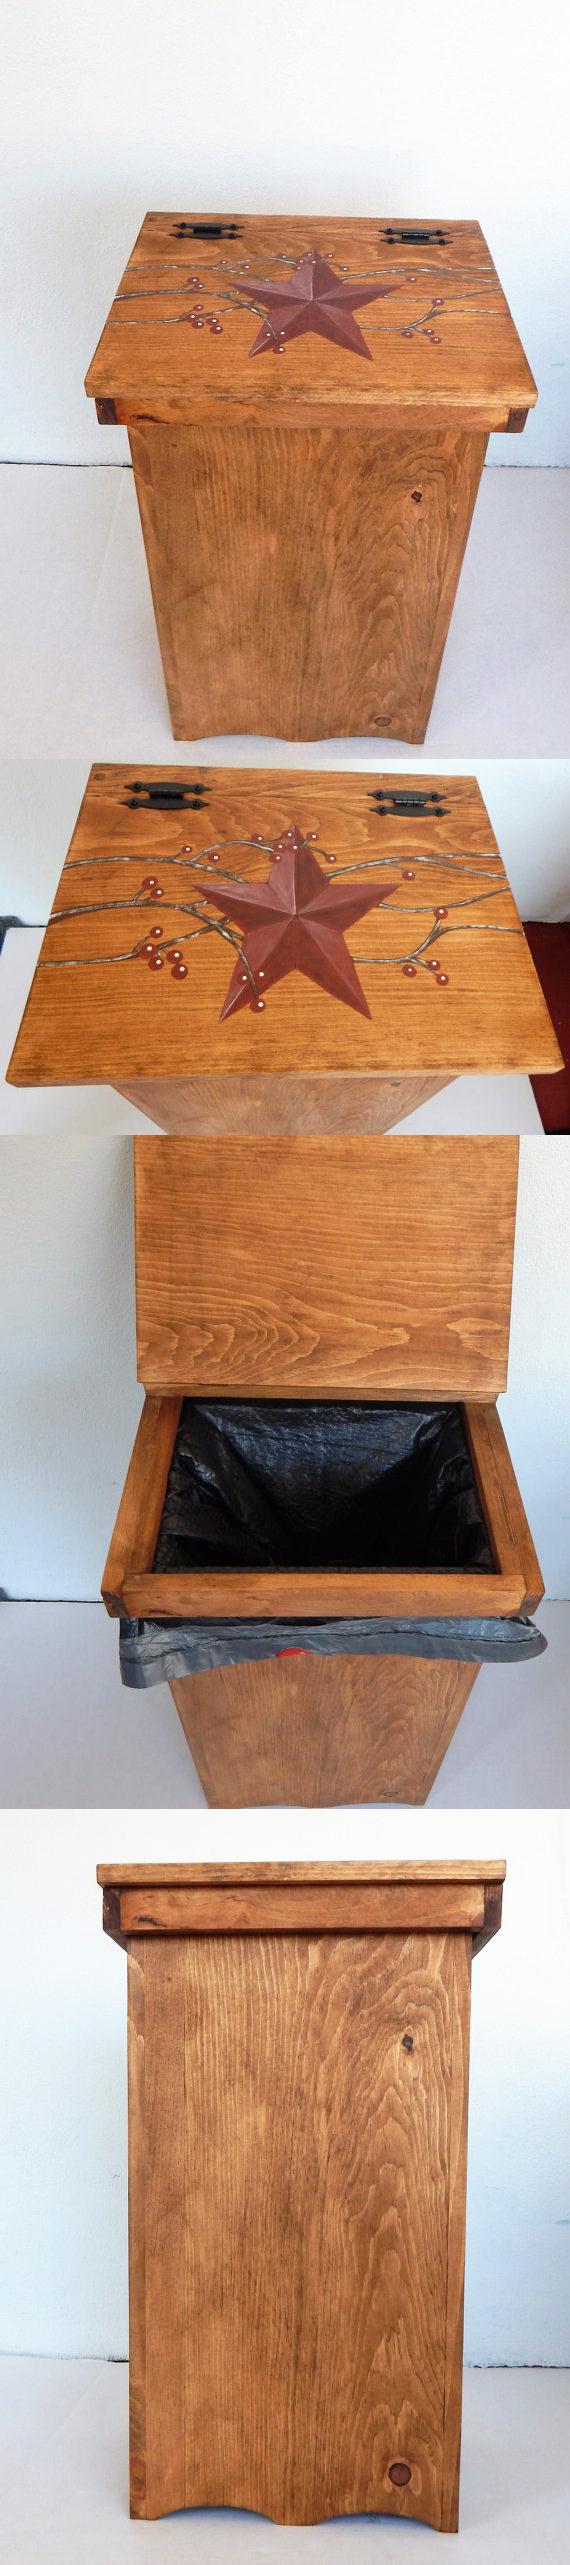 Trash Cans And Wastebaskets 20608: Kitchen Trash Bin, Wooden Trash Bin,  Handmade Trash